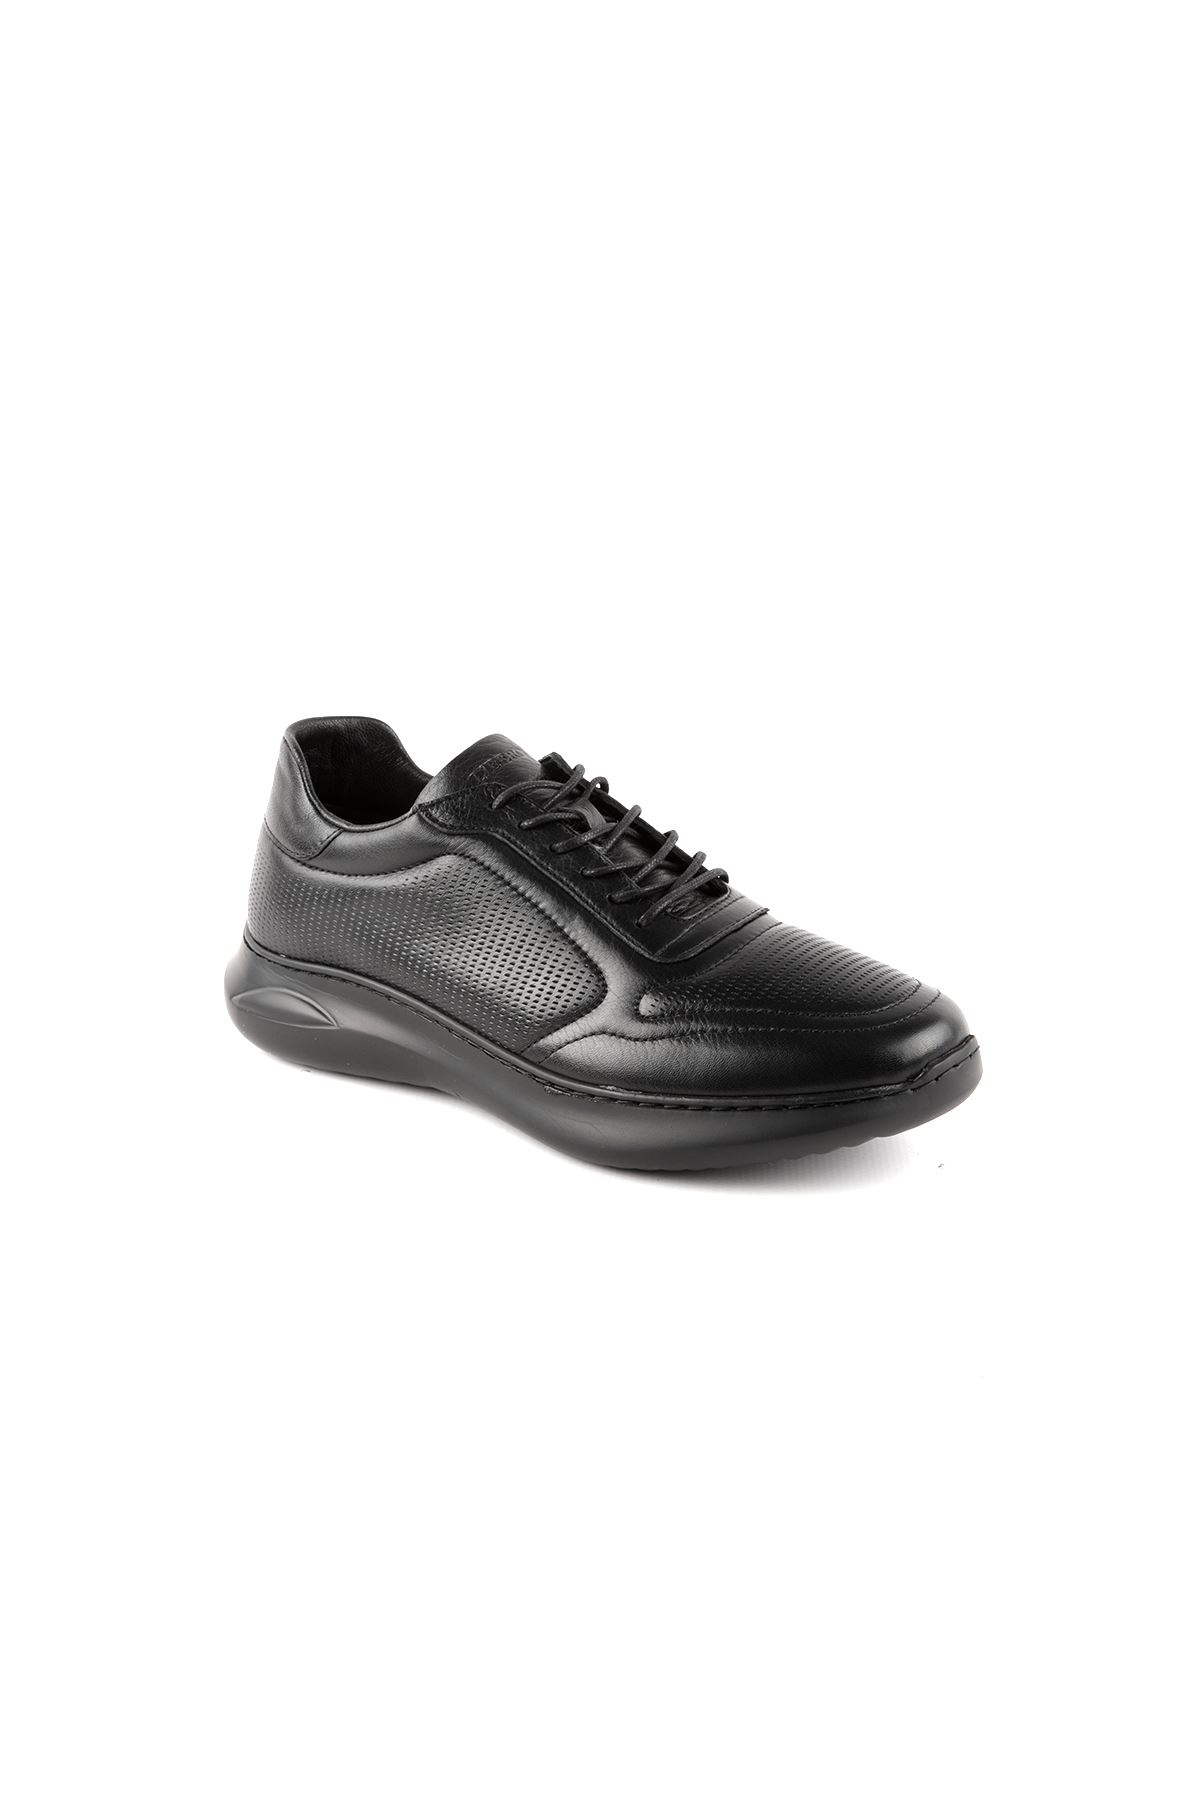 Libero L3778 Siyah Spor Erkek Ayakkabı